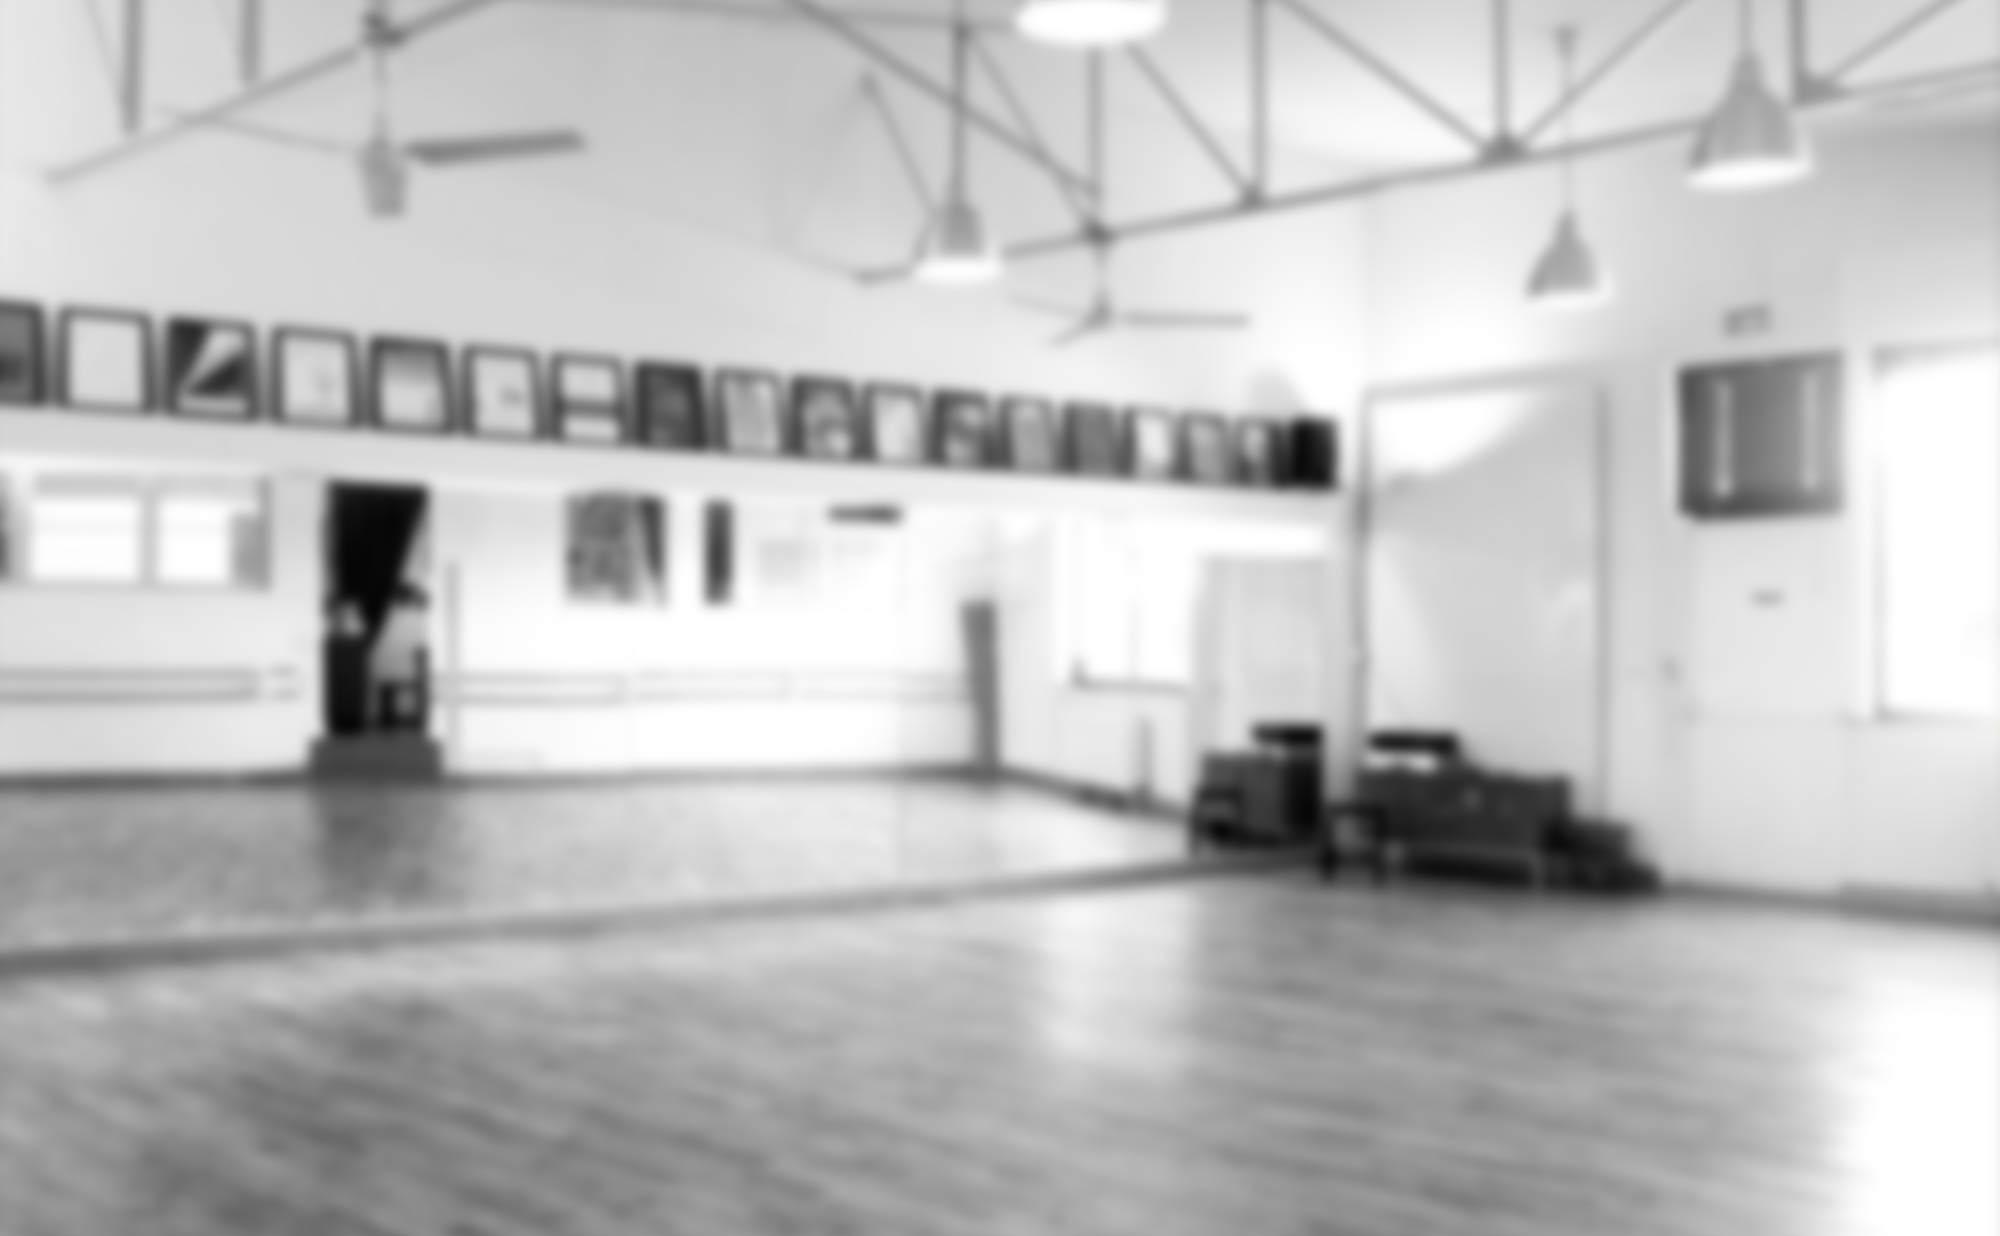 Jazznat studio de danse maison alfort cours de danse for Danse classique maison alfort